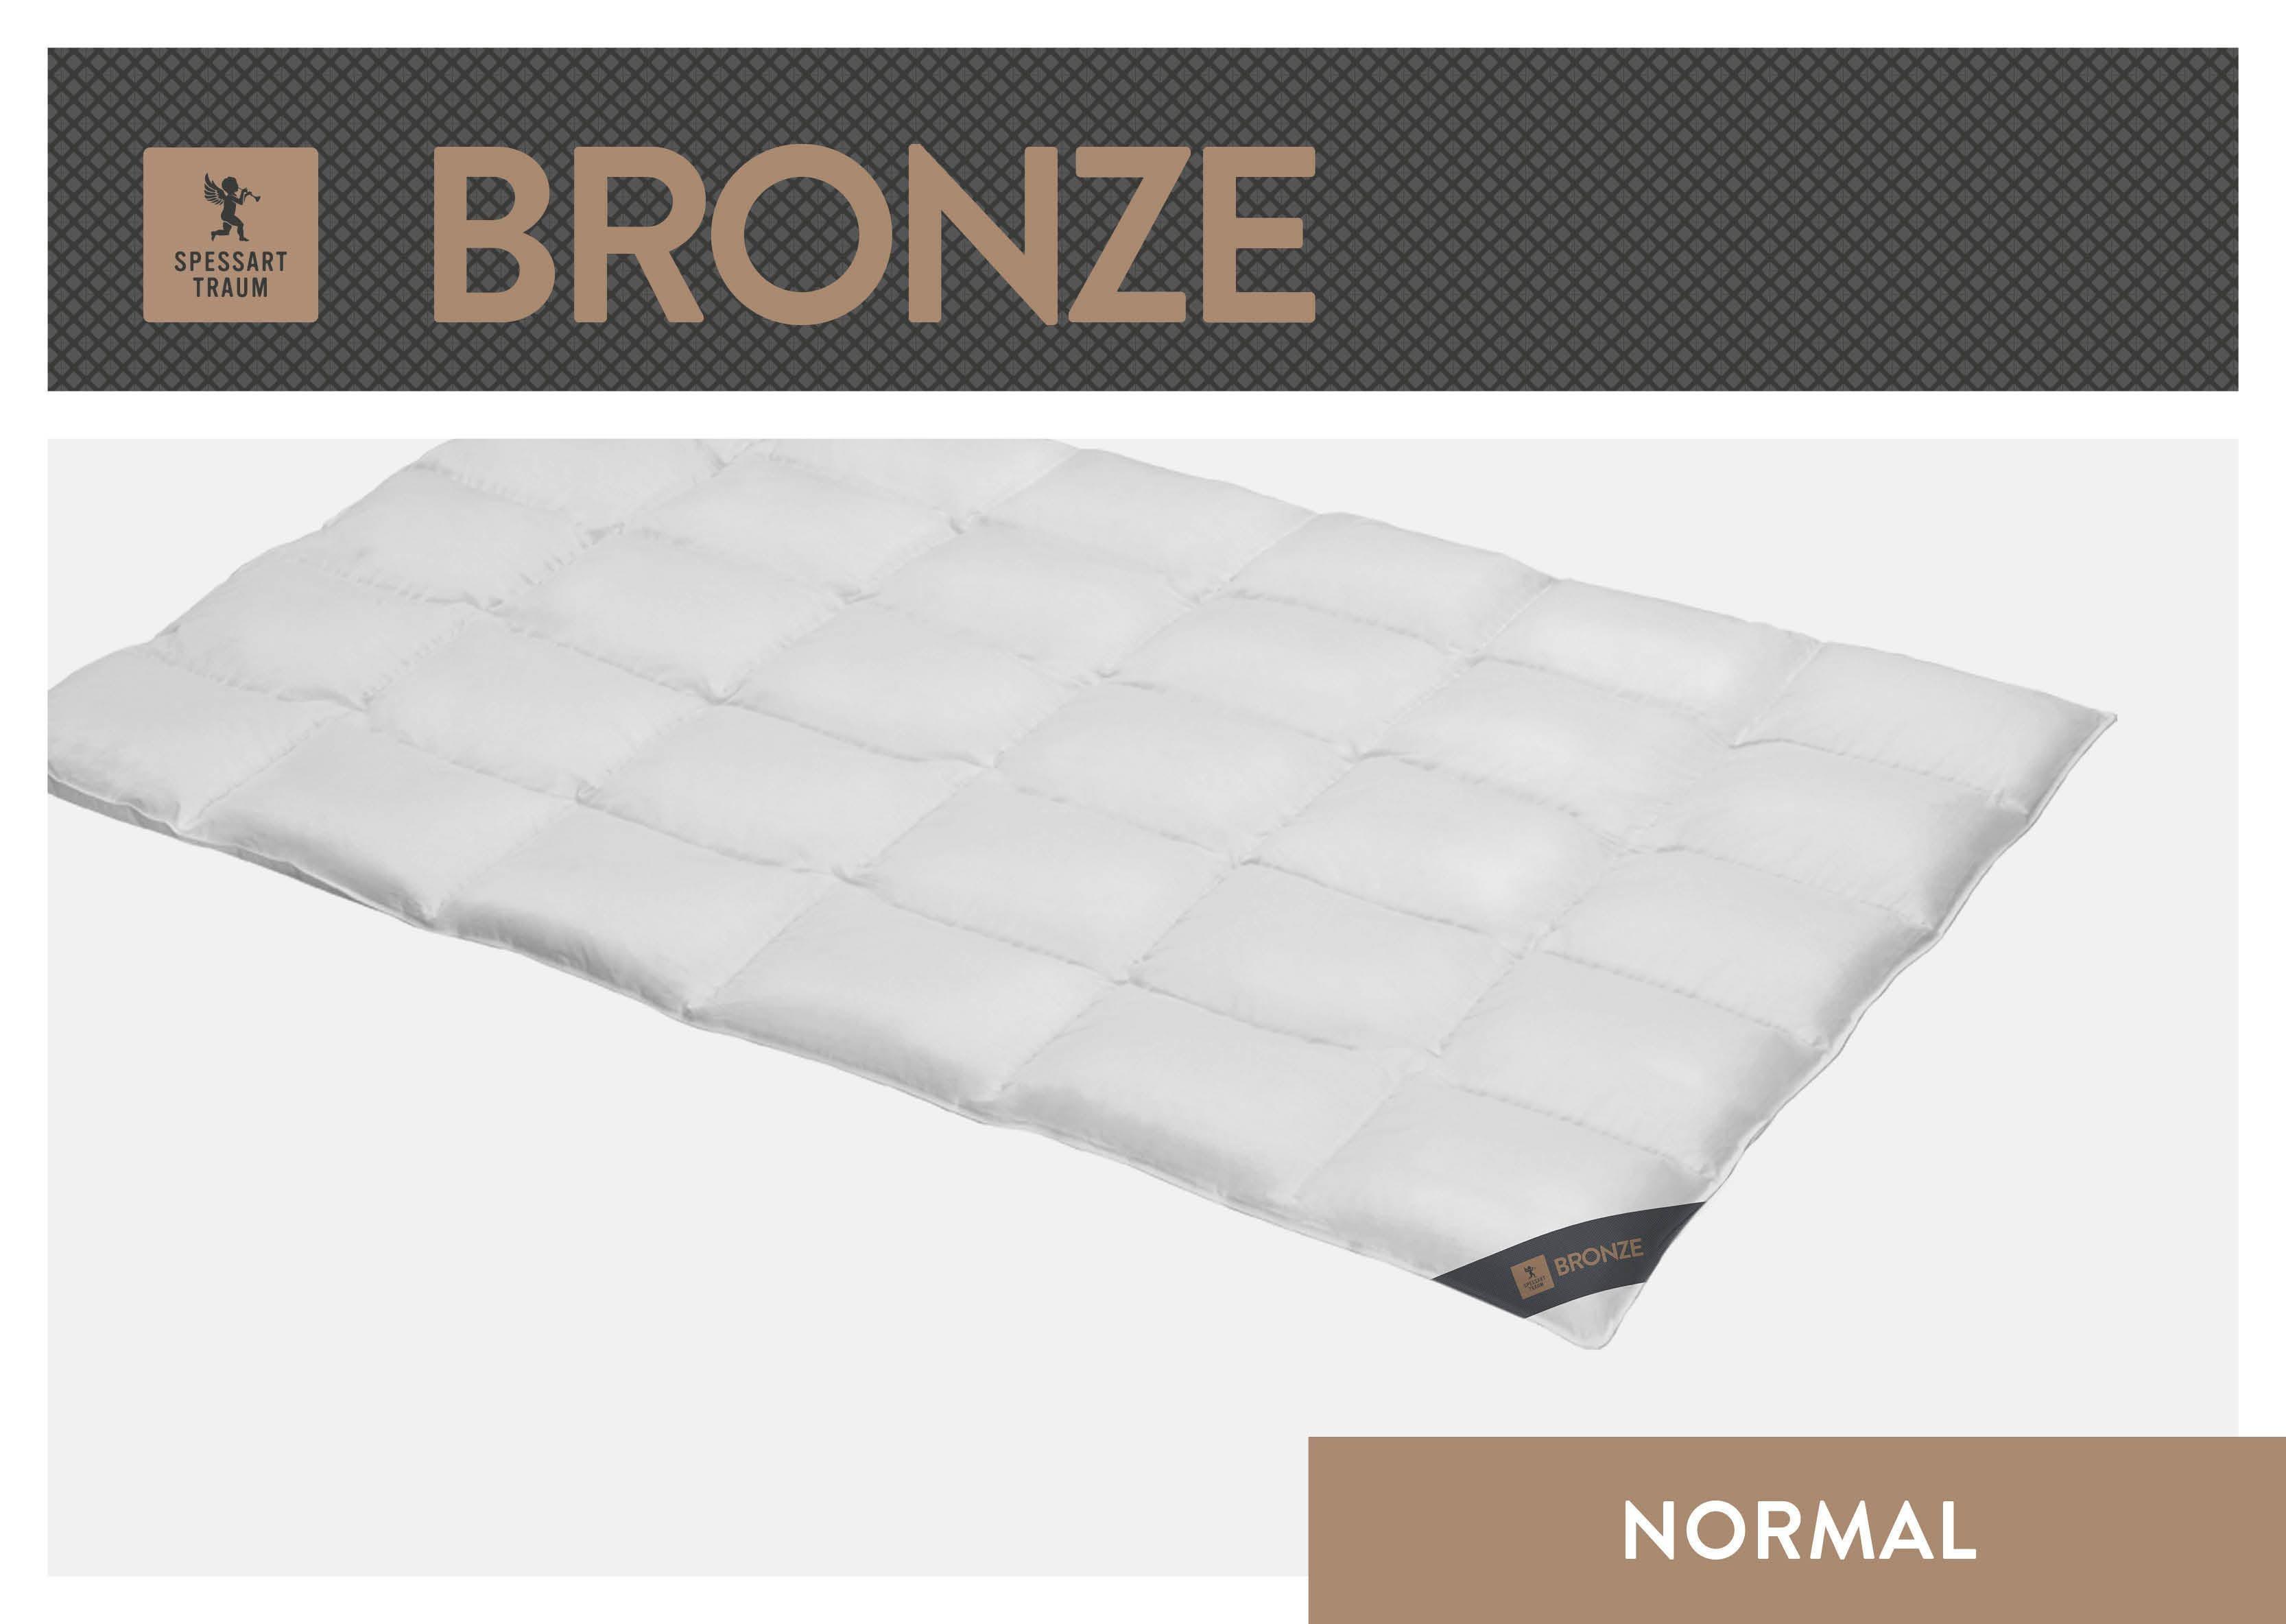 Daunenbettdecke Bronze SPESSARTTRAUM normal Füllung: 90% Daunen 10% Federn Bezug: 100% Baumwolle